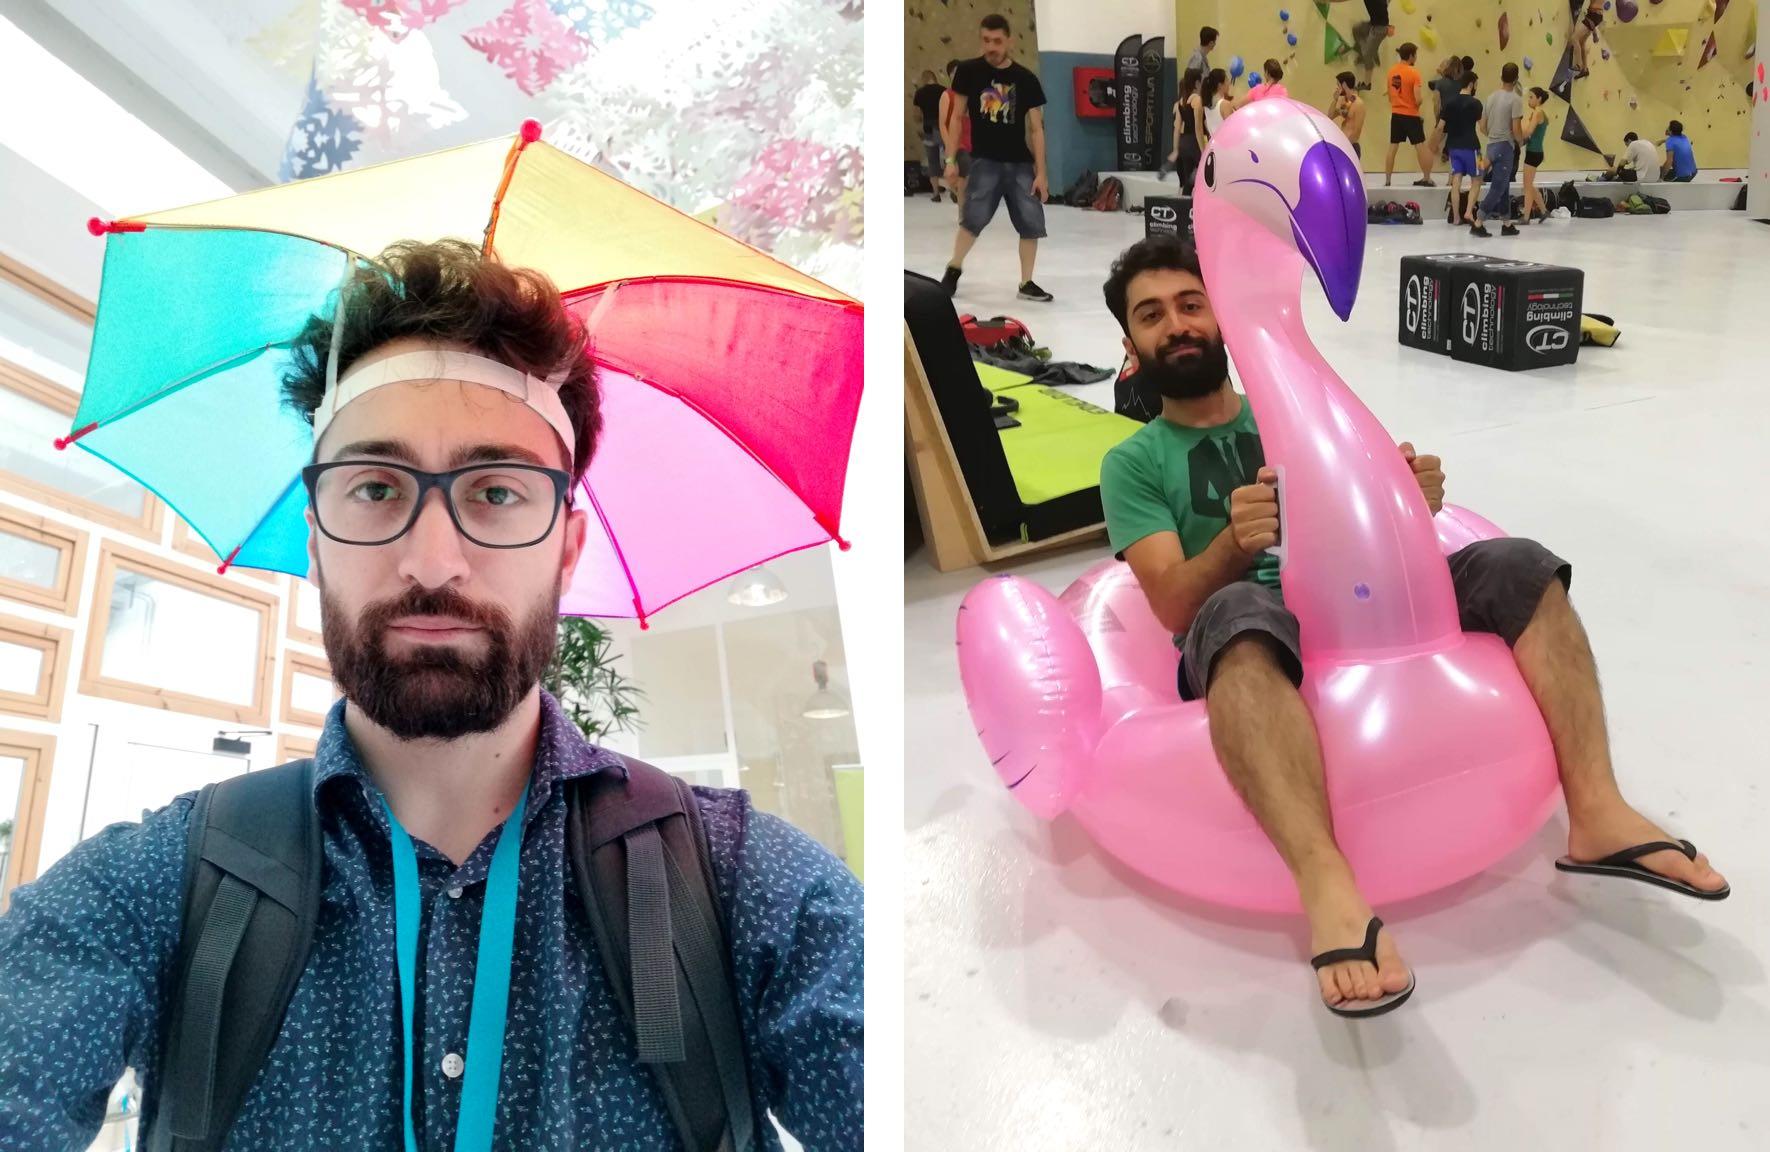 Es sind zwei Fotos zu sehen: AUf der linken Seite trägt Antonio einen bunten Regenschrim-Hut. Auf der rechten Seite sitzt er auf einem aufblasbaren Flamingo.